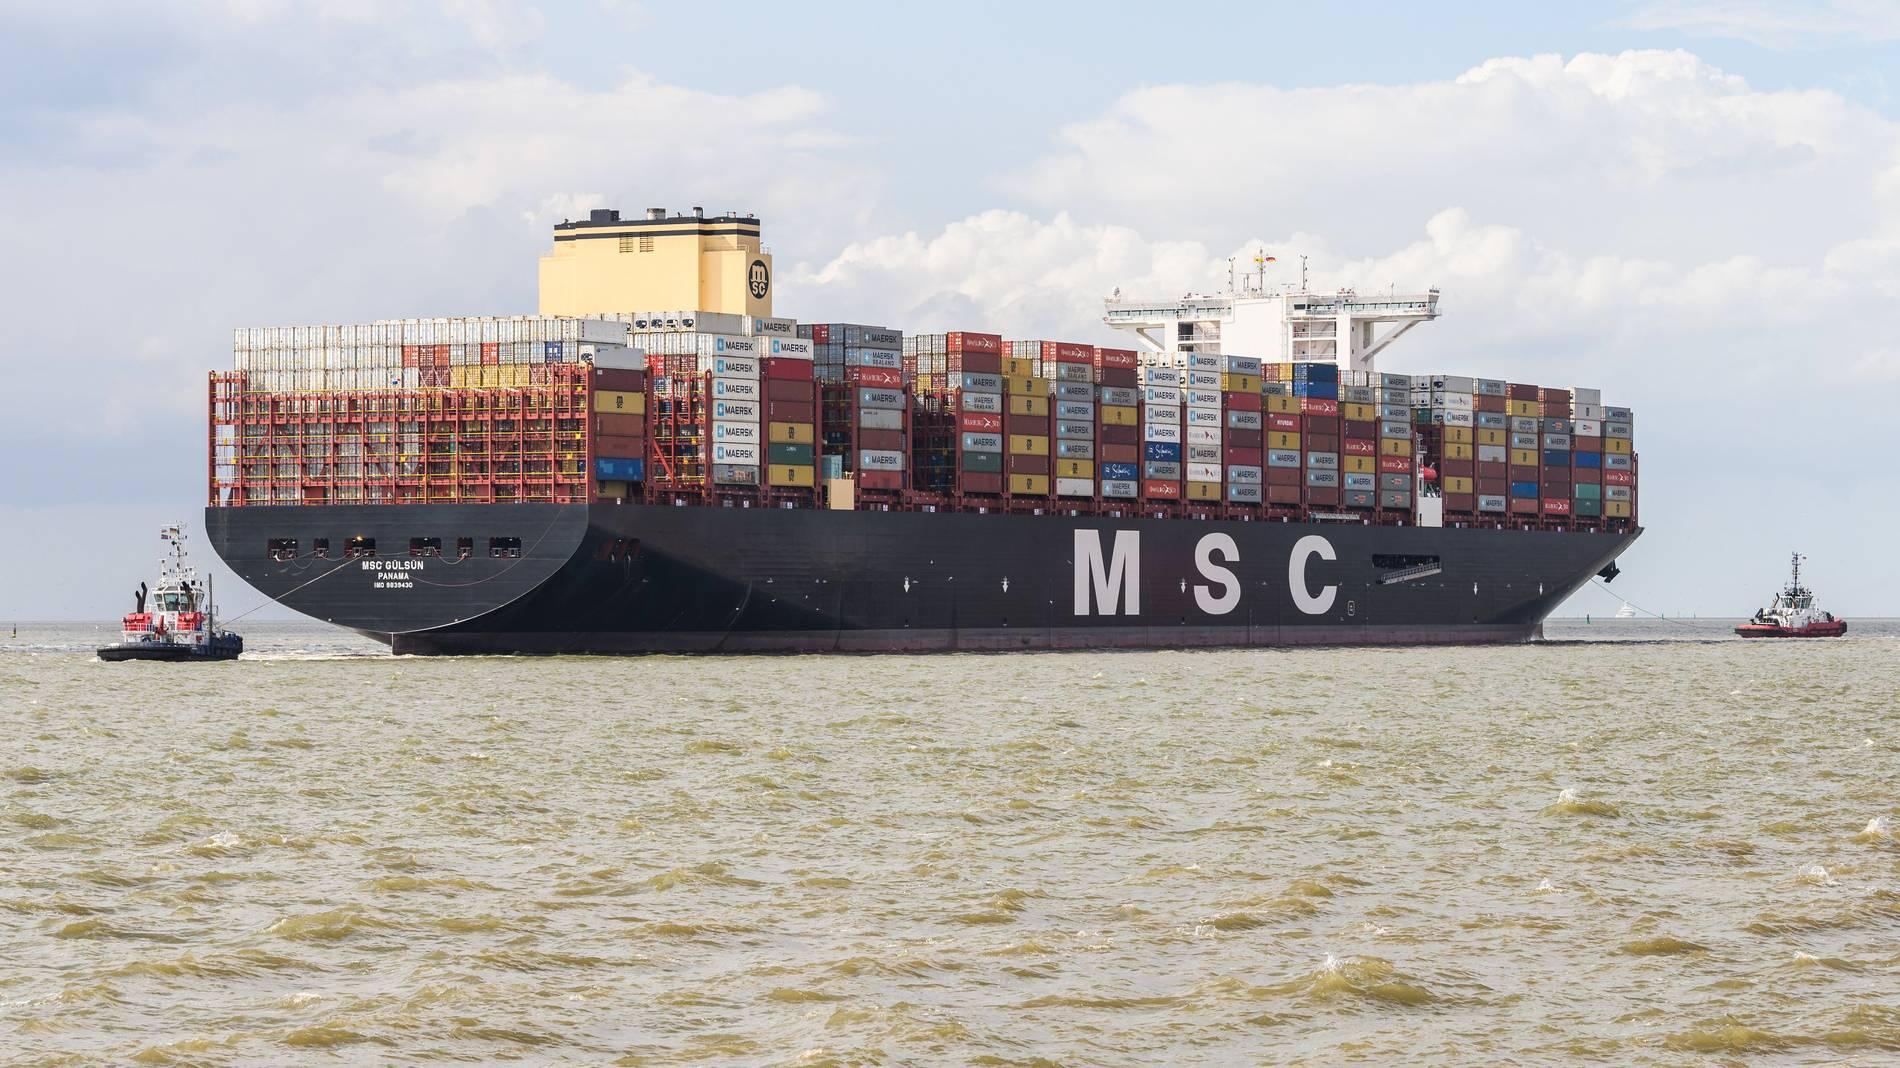 Größte Containerschiff Der Welt